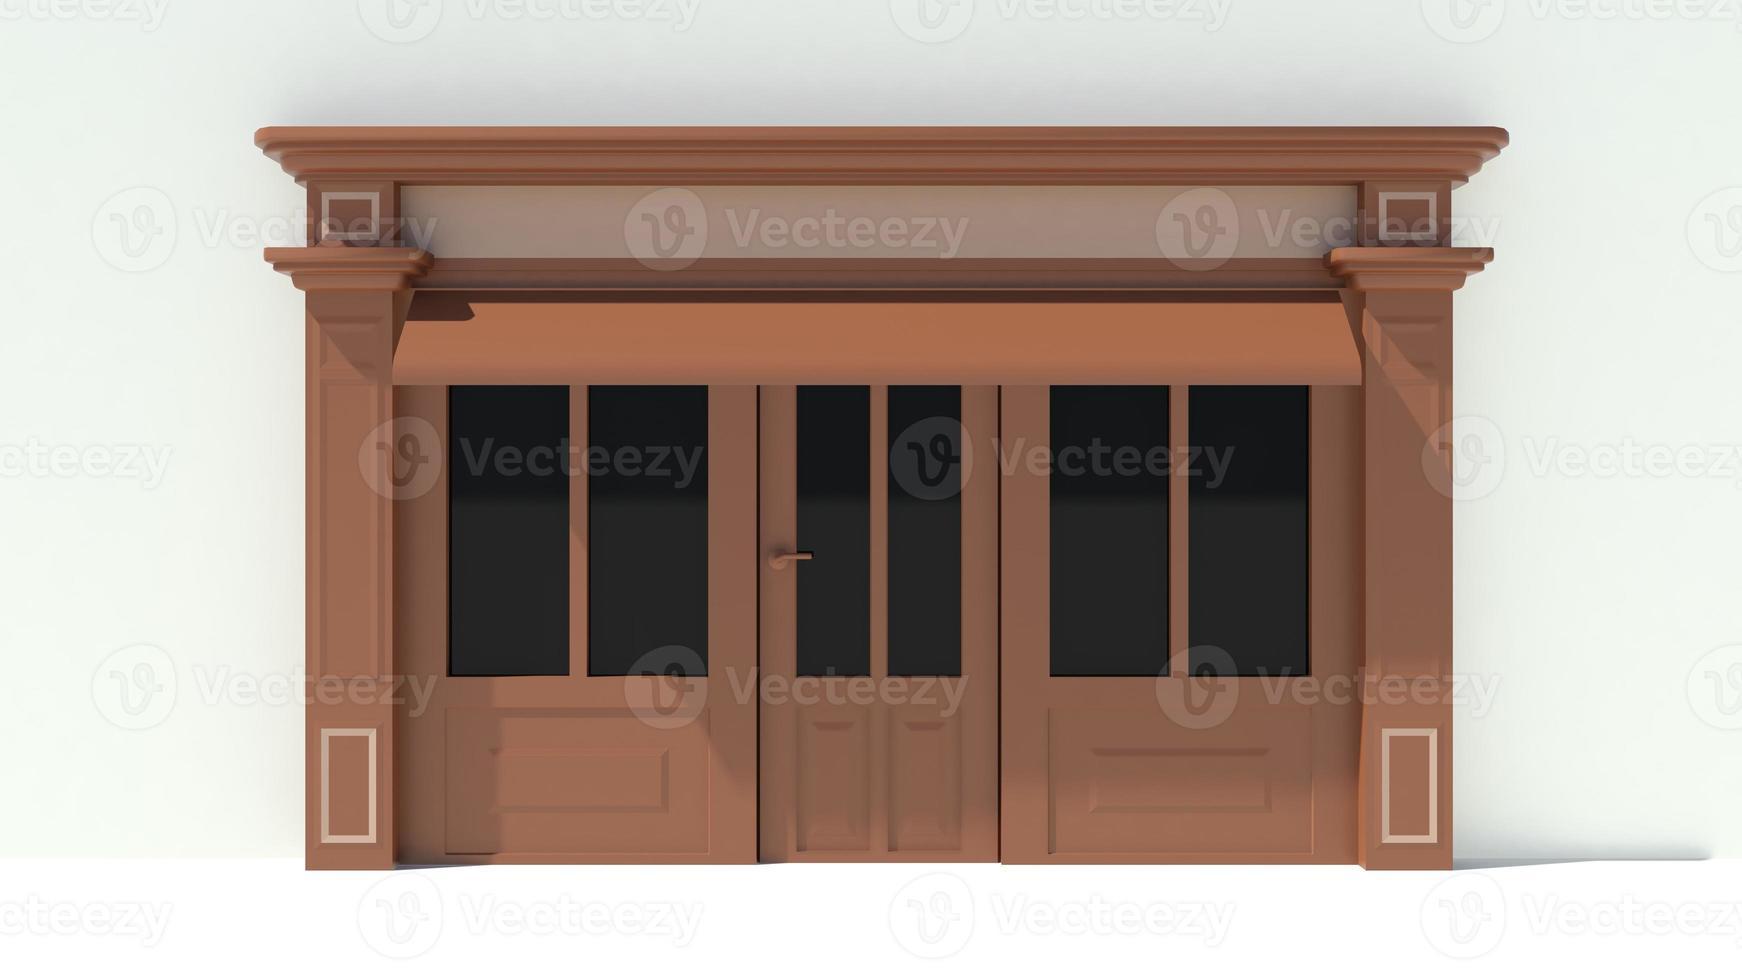 solig butiksfront med stora fönster vit och brun fasad foto